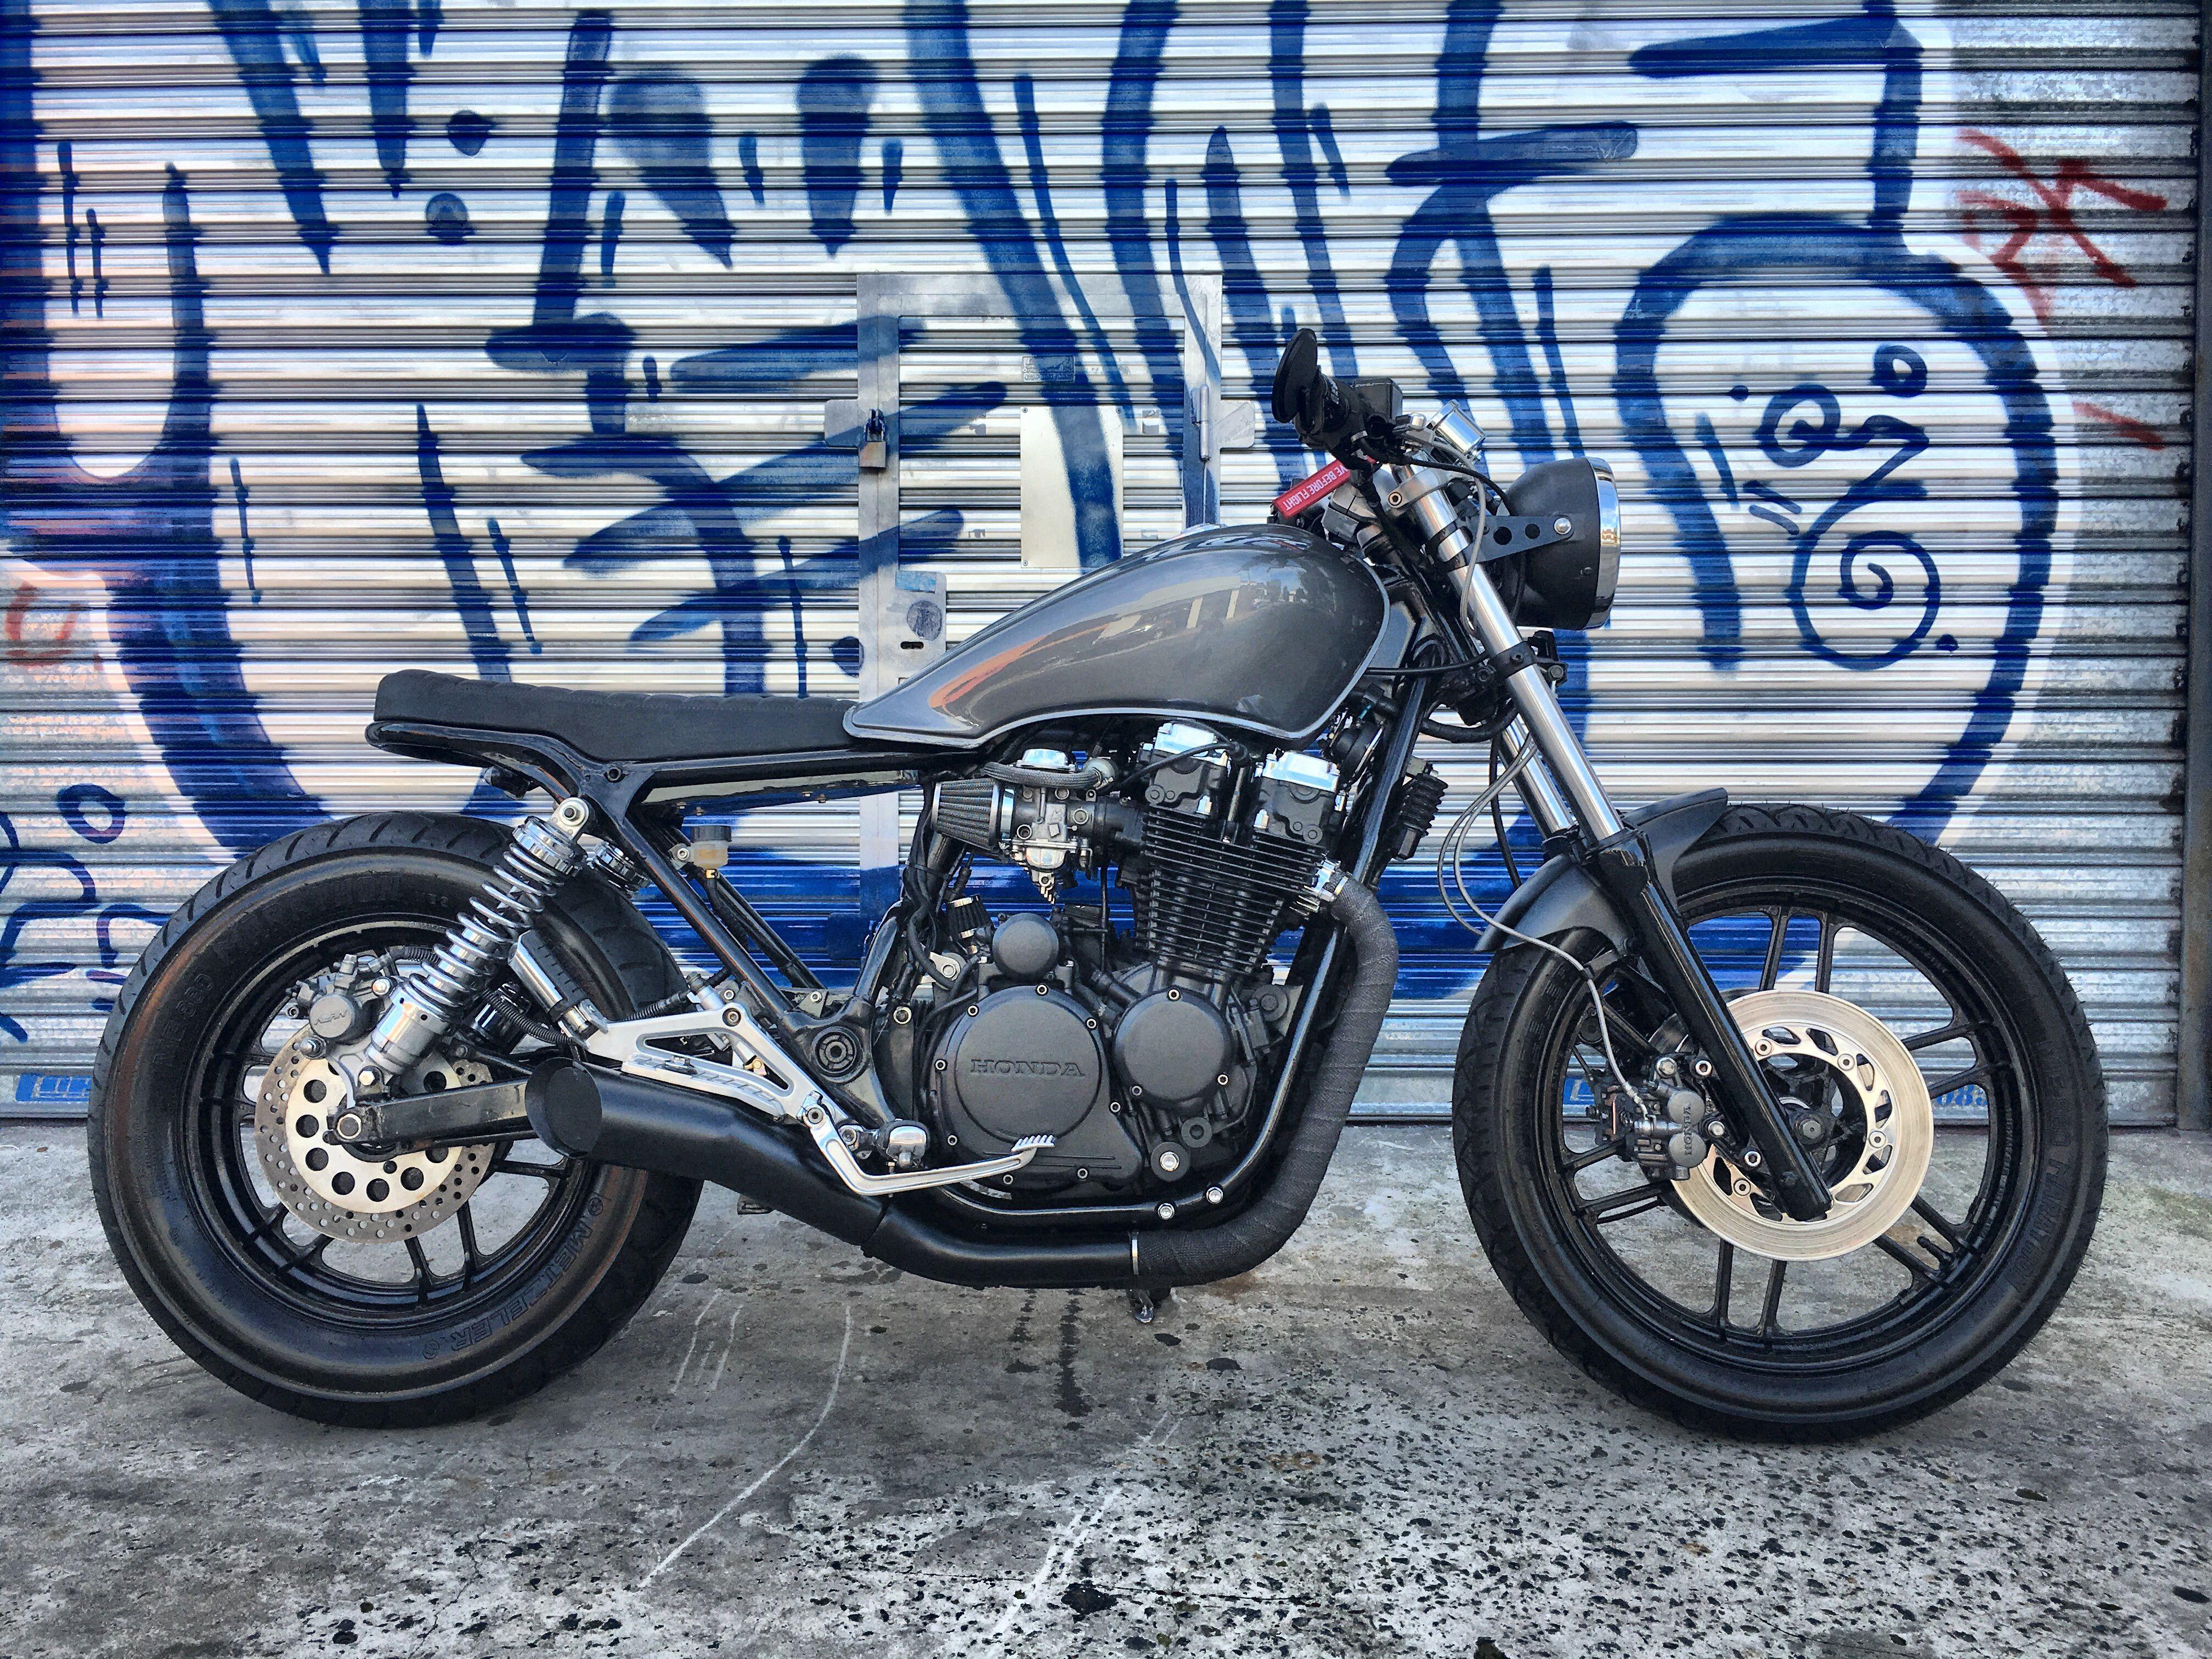 honda nighthawk 650 - cafe racer | awesome bikes | pinterest | honda